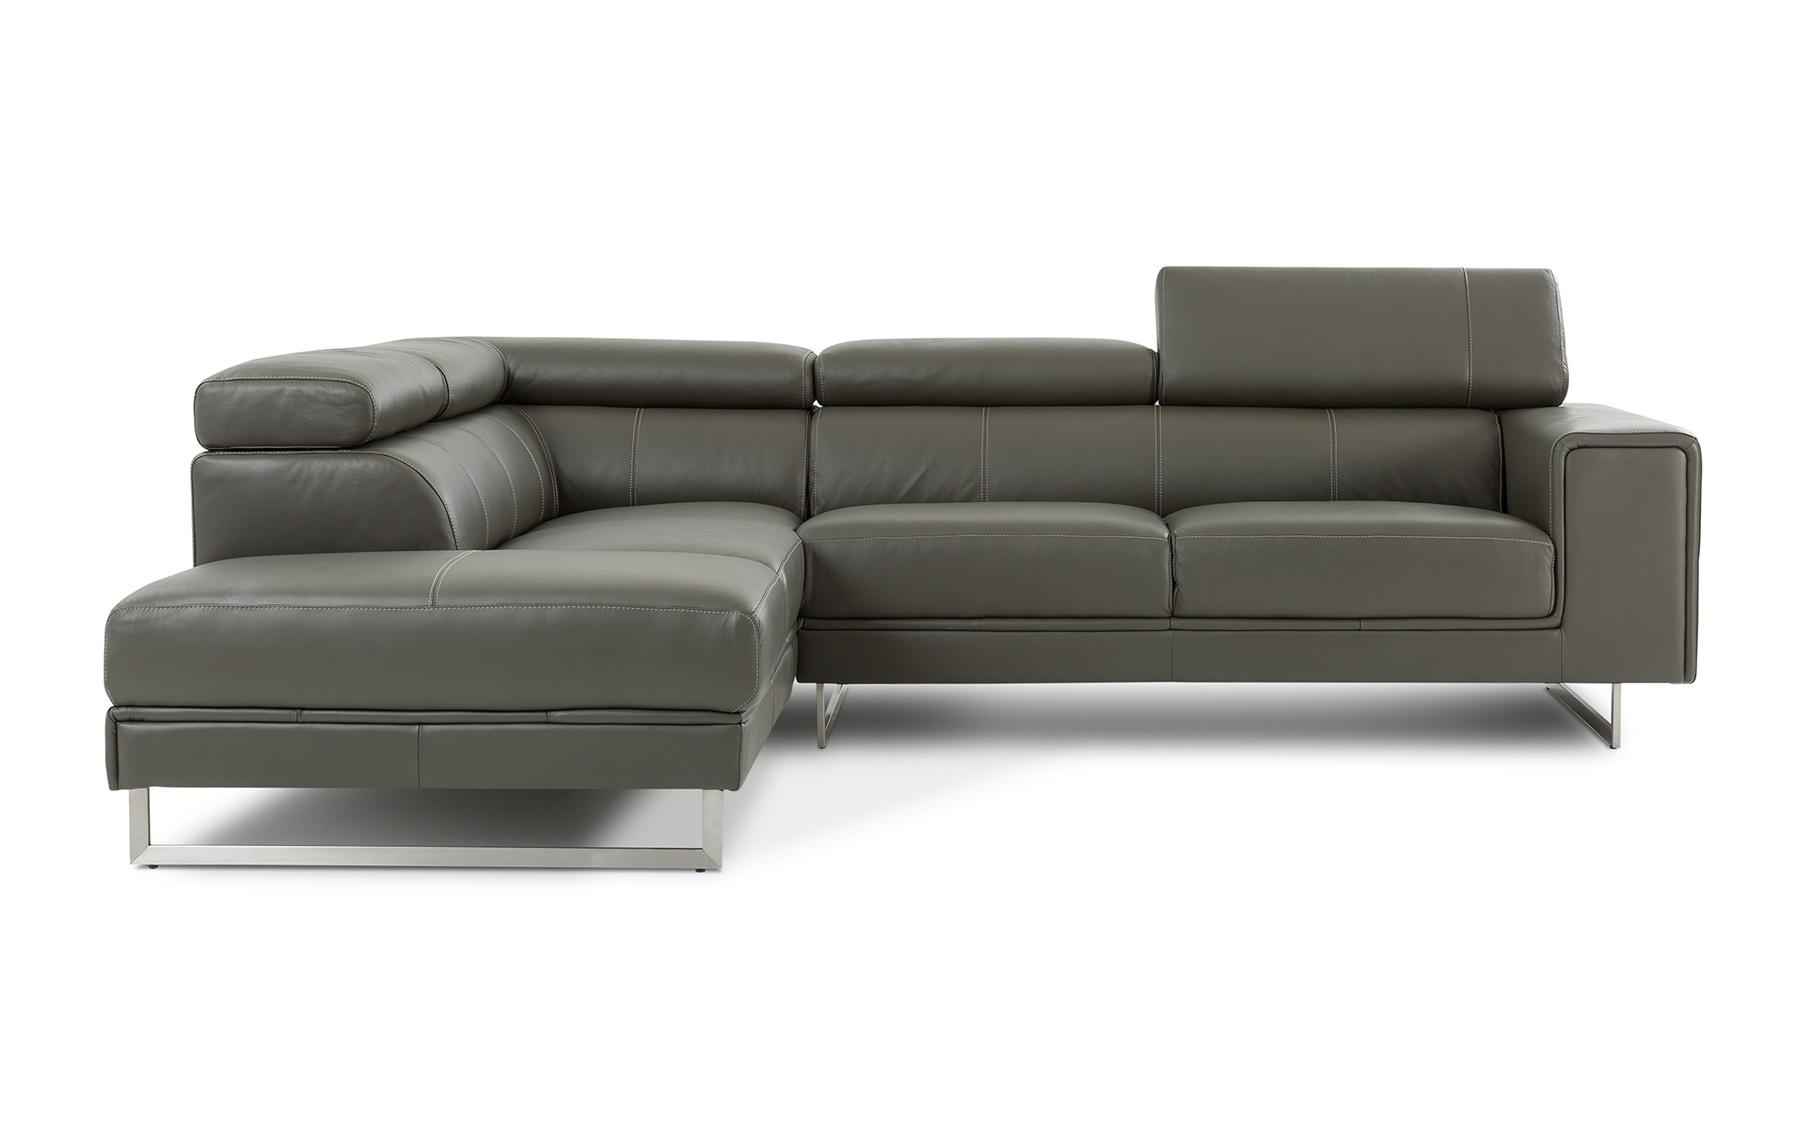 Canap composable cuir c887 composables salons la for Galerie du meuble